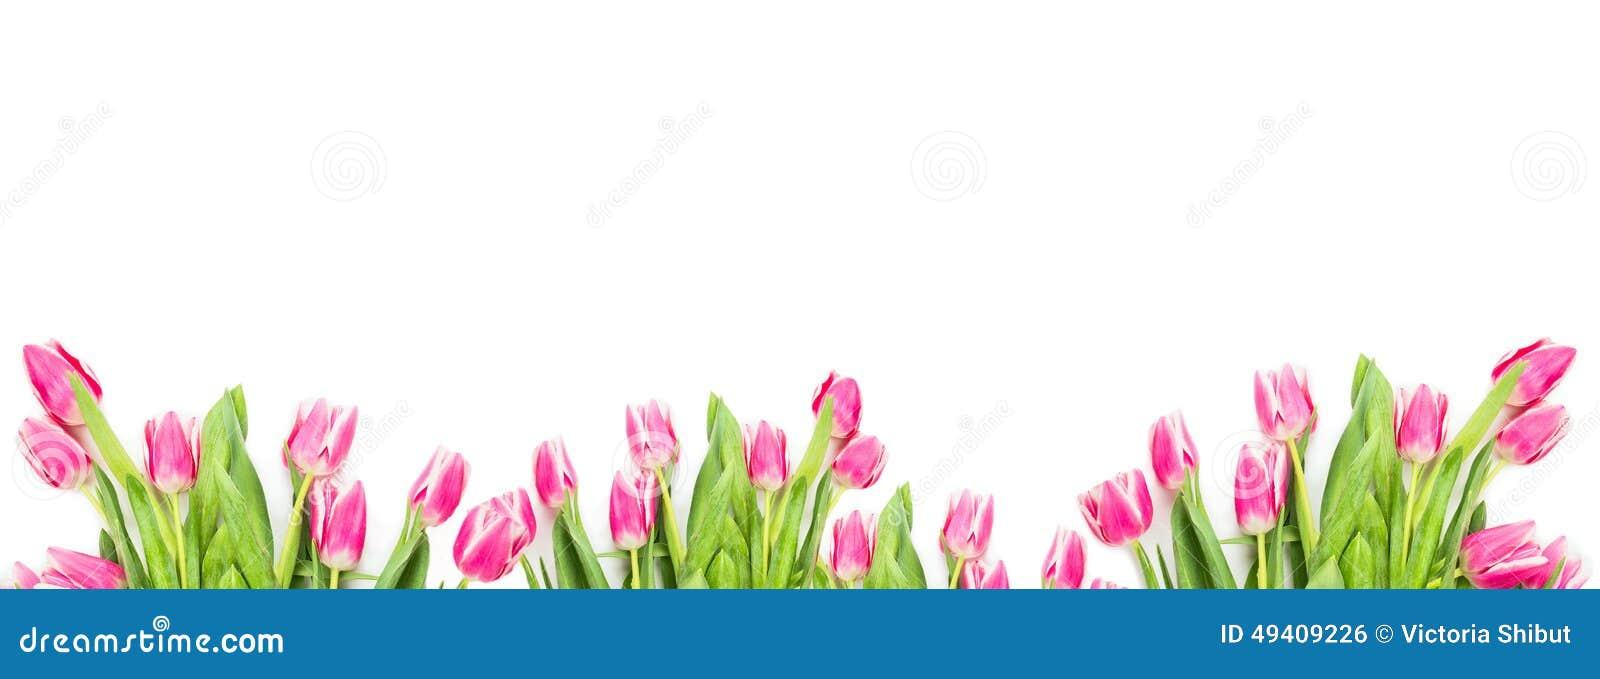 Download Rosa Tuplips Auf Weißem Hintergrund, Fahne Stockfoto - Bild von frech, blatt: 49409226